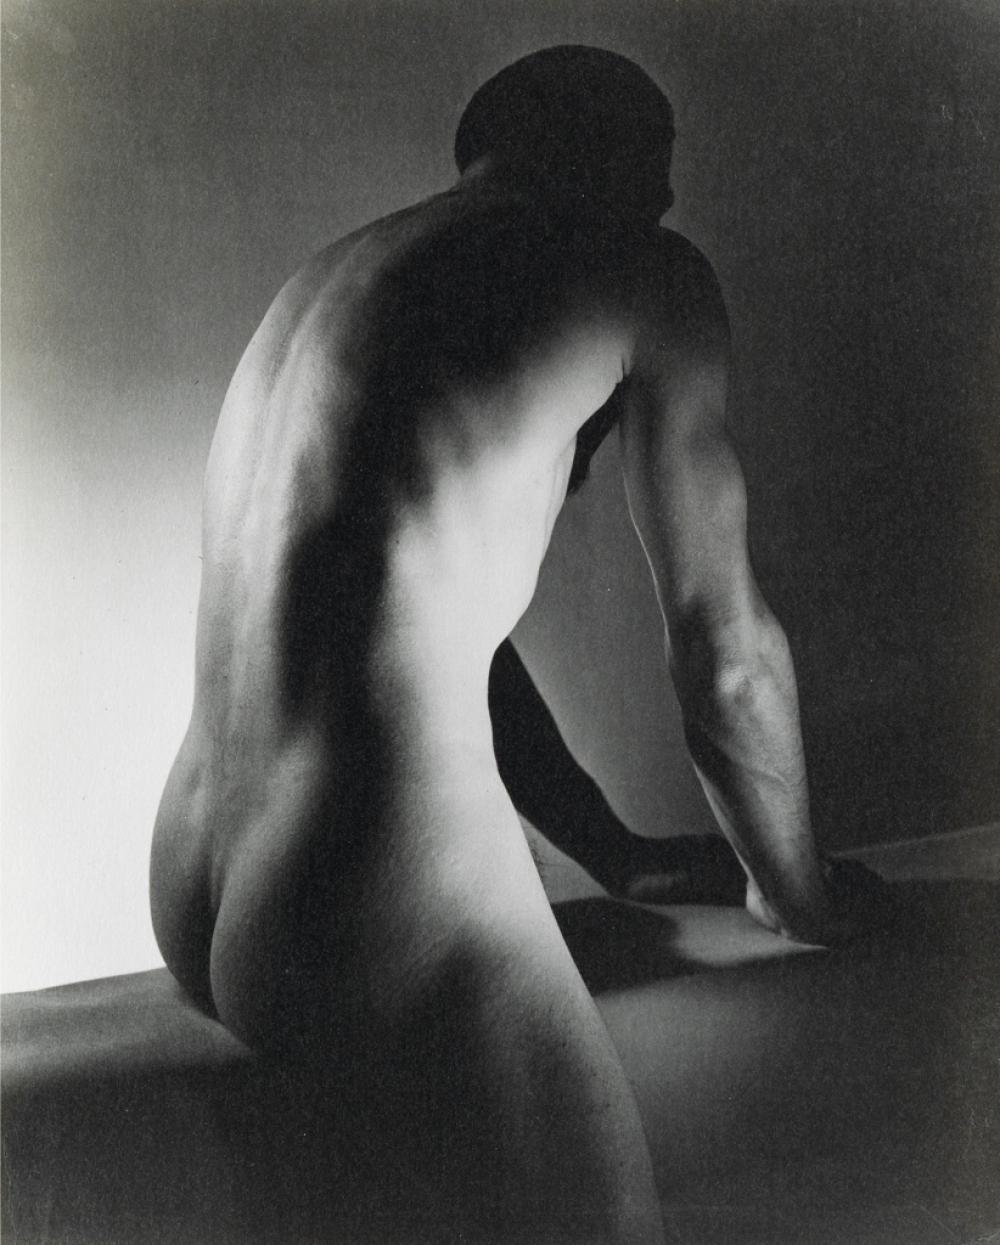 GEORGE PLATT LYNES (1907-1955) Ted Starkowski * Bernardo Rostad.